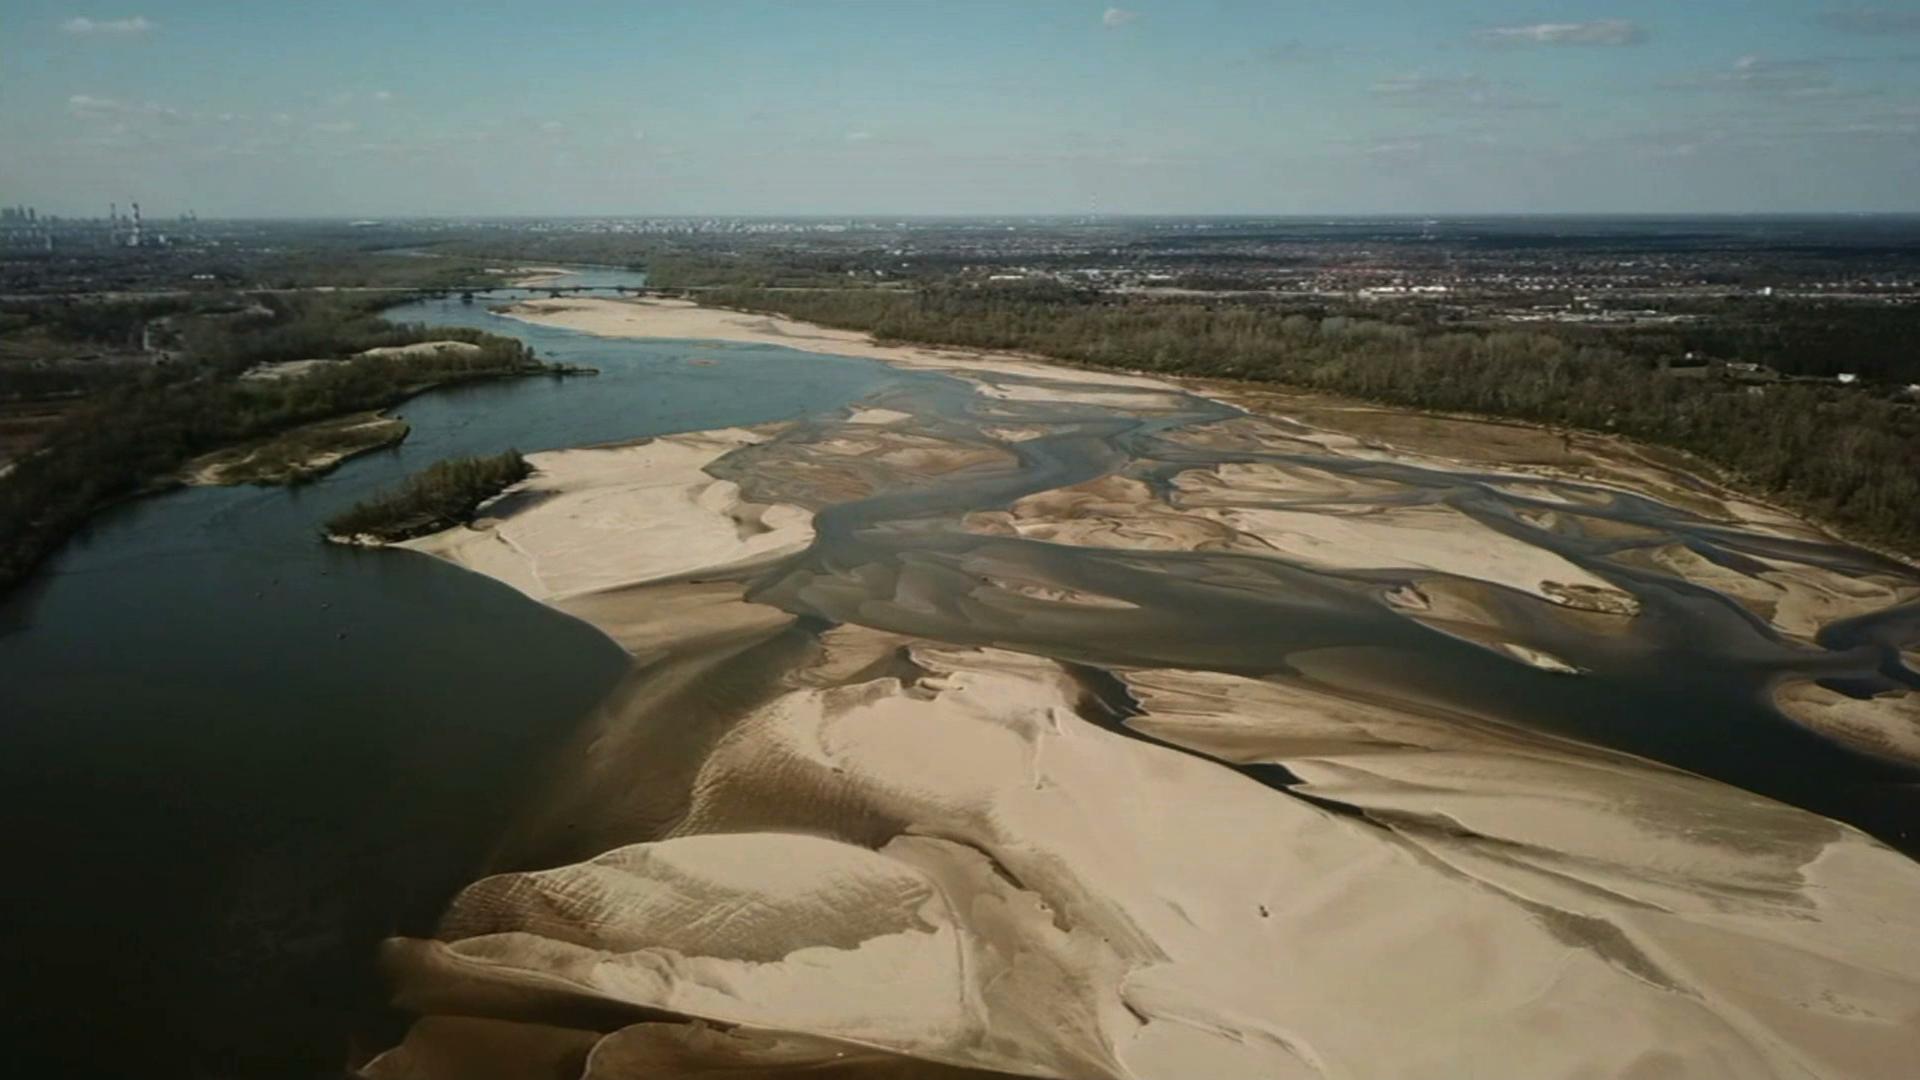 Polsce grozi latem susza. Niebezpiecznie niski stan wody w polskich rzekach